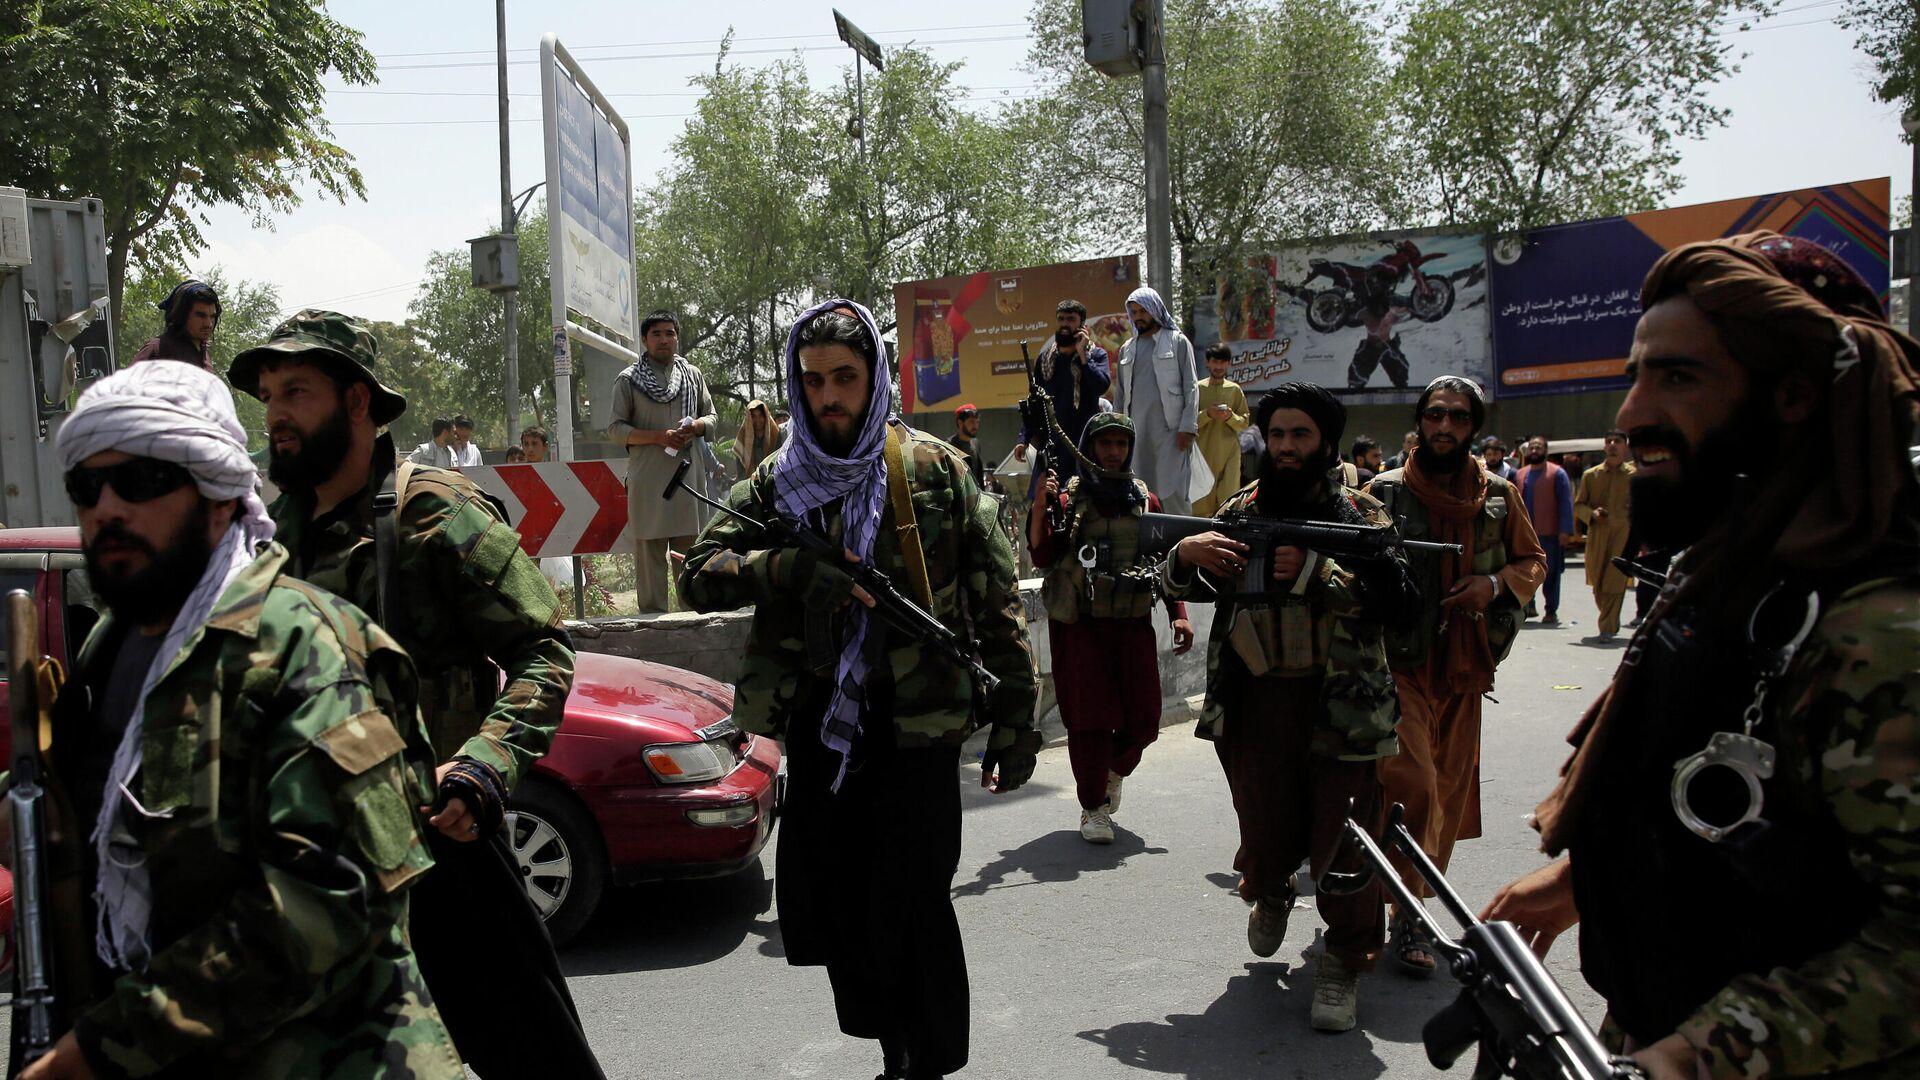 Pripadnici pokreta Taliban u Avganistanu - Sputnik Srbija, 1920, 19.08.2021